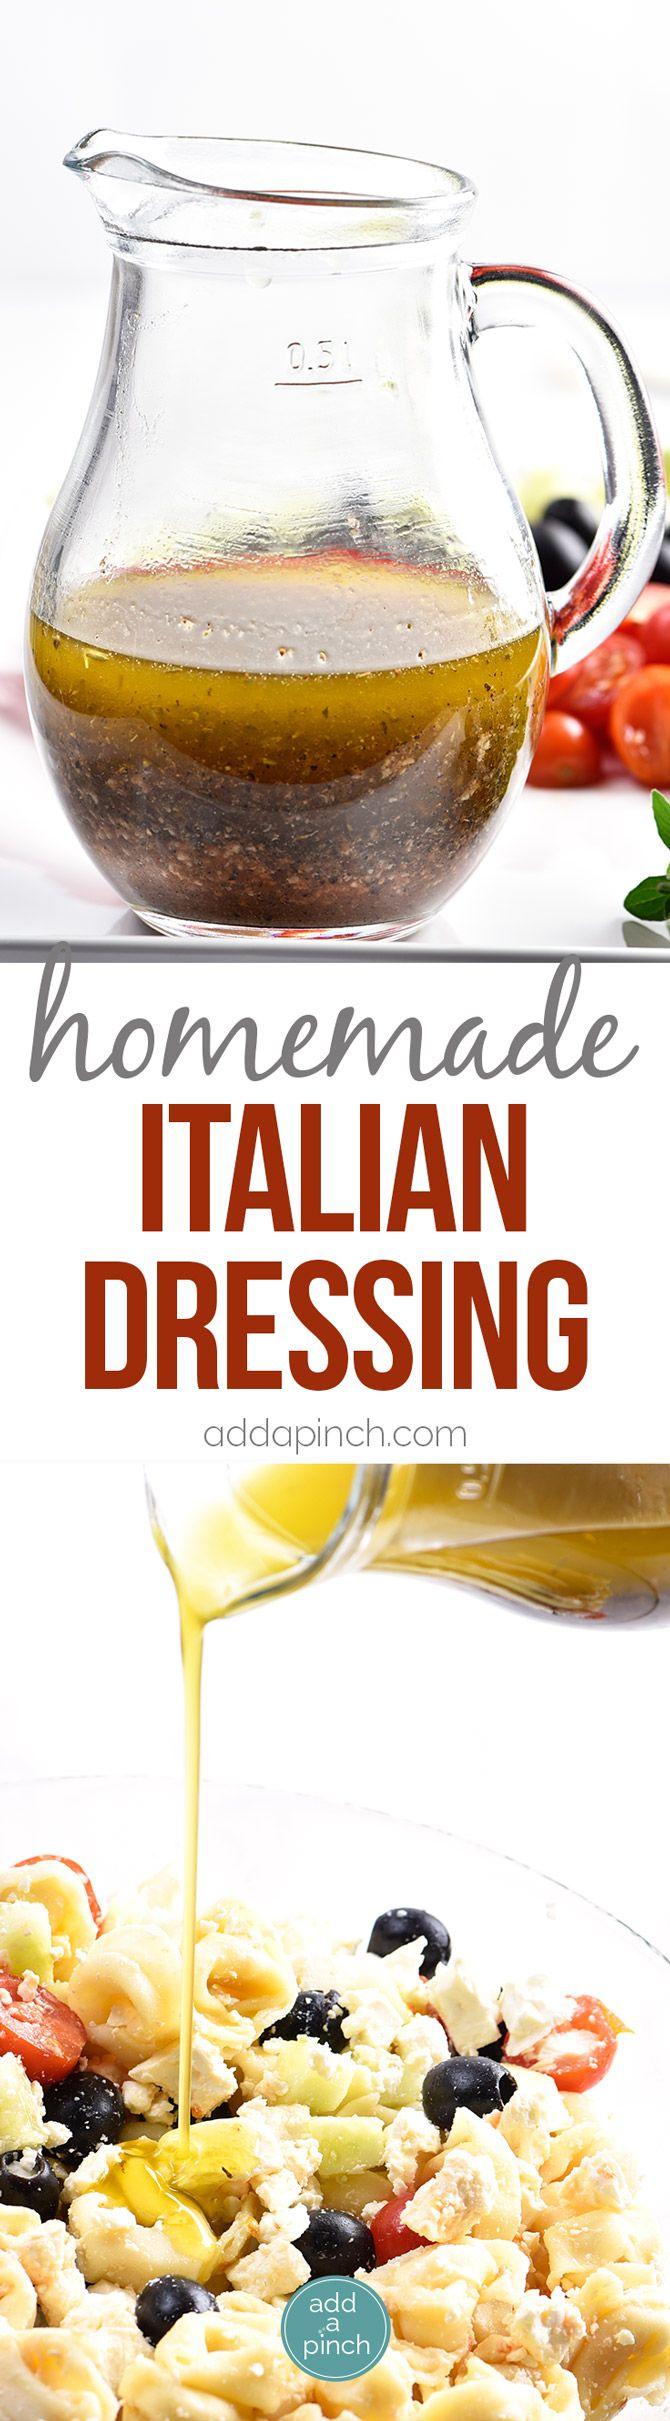 Easy vinegar salad dressing recipes